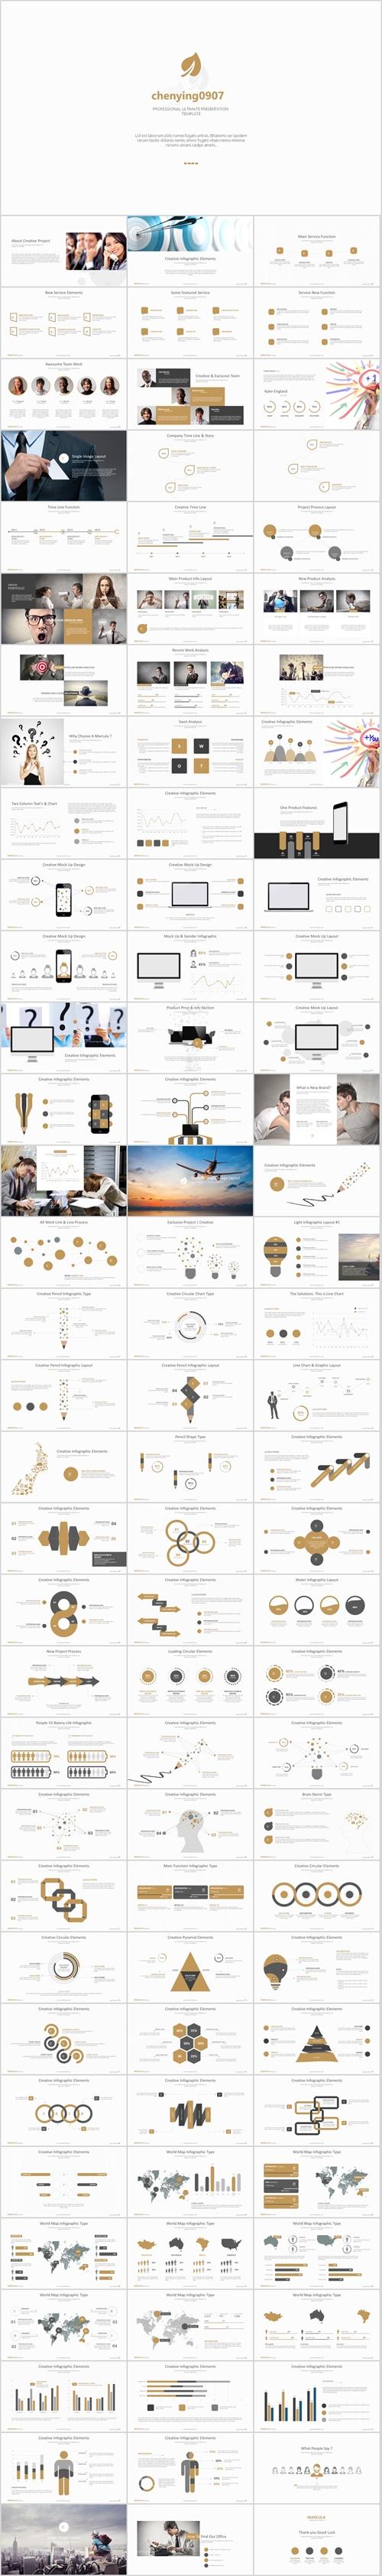 欧美风格团队介绍,商业策划PPT模板